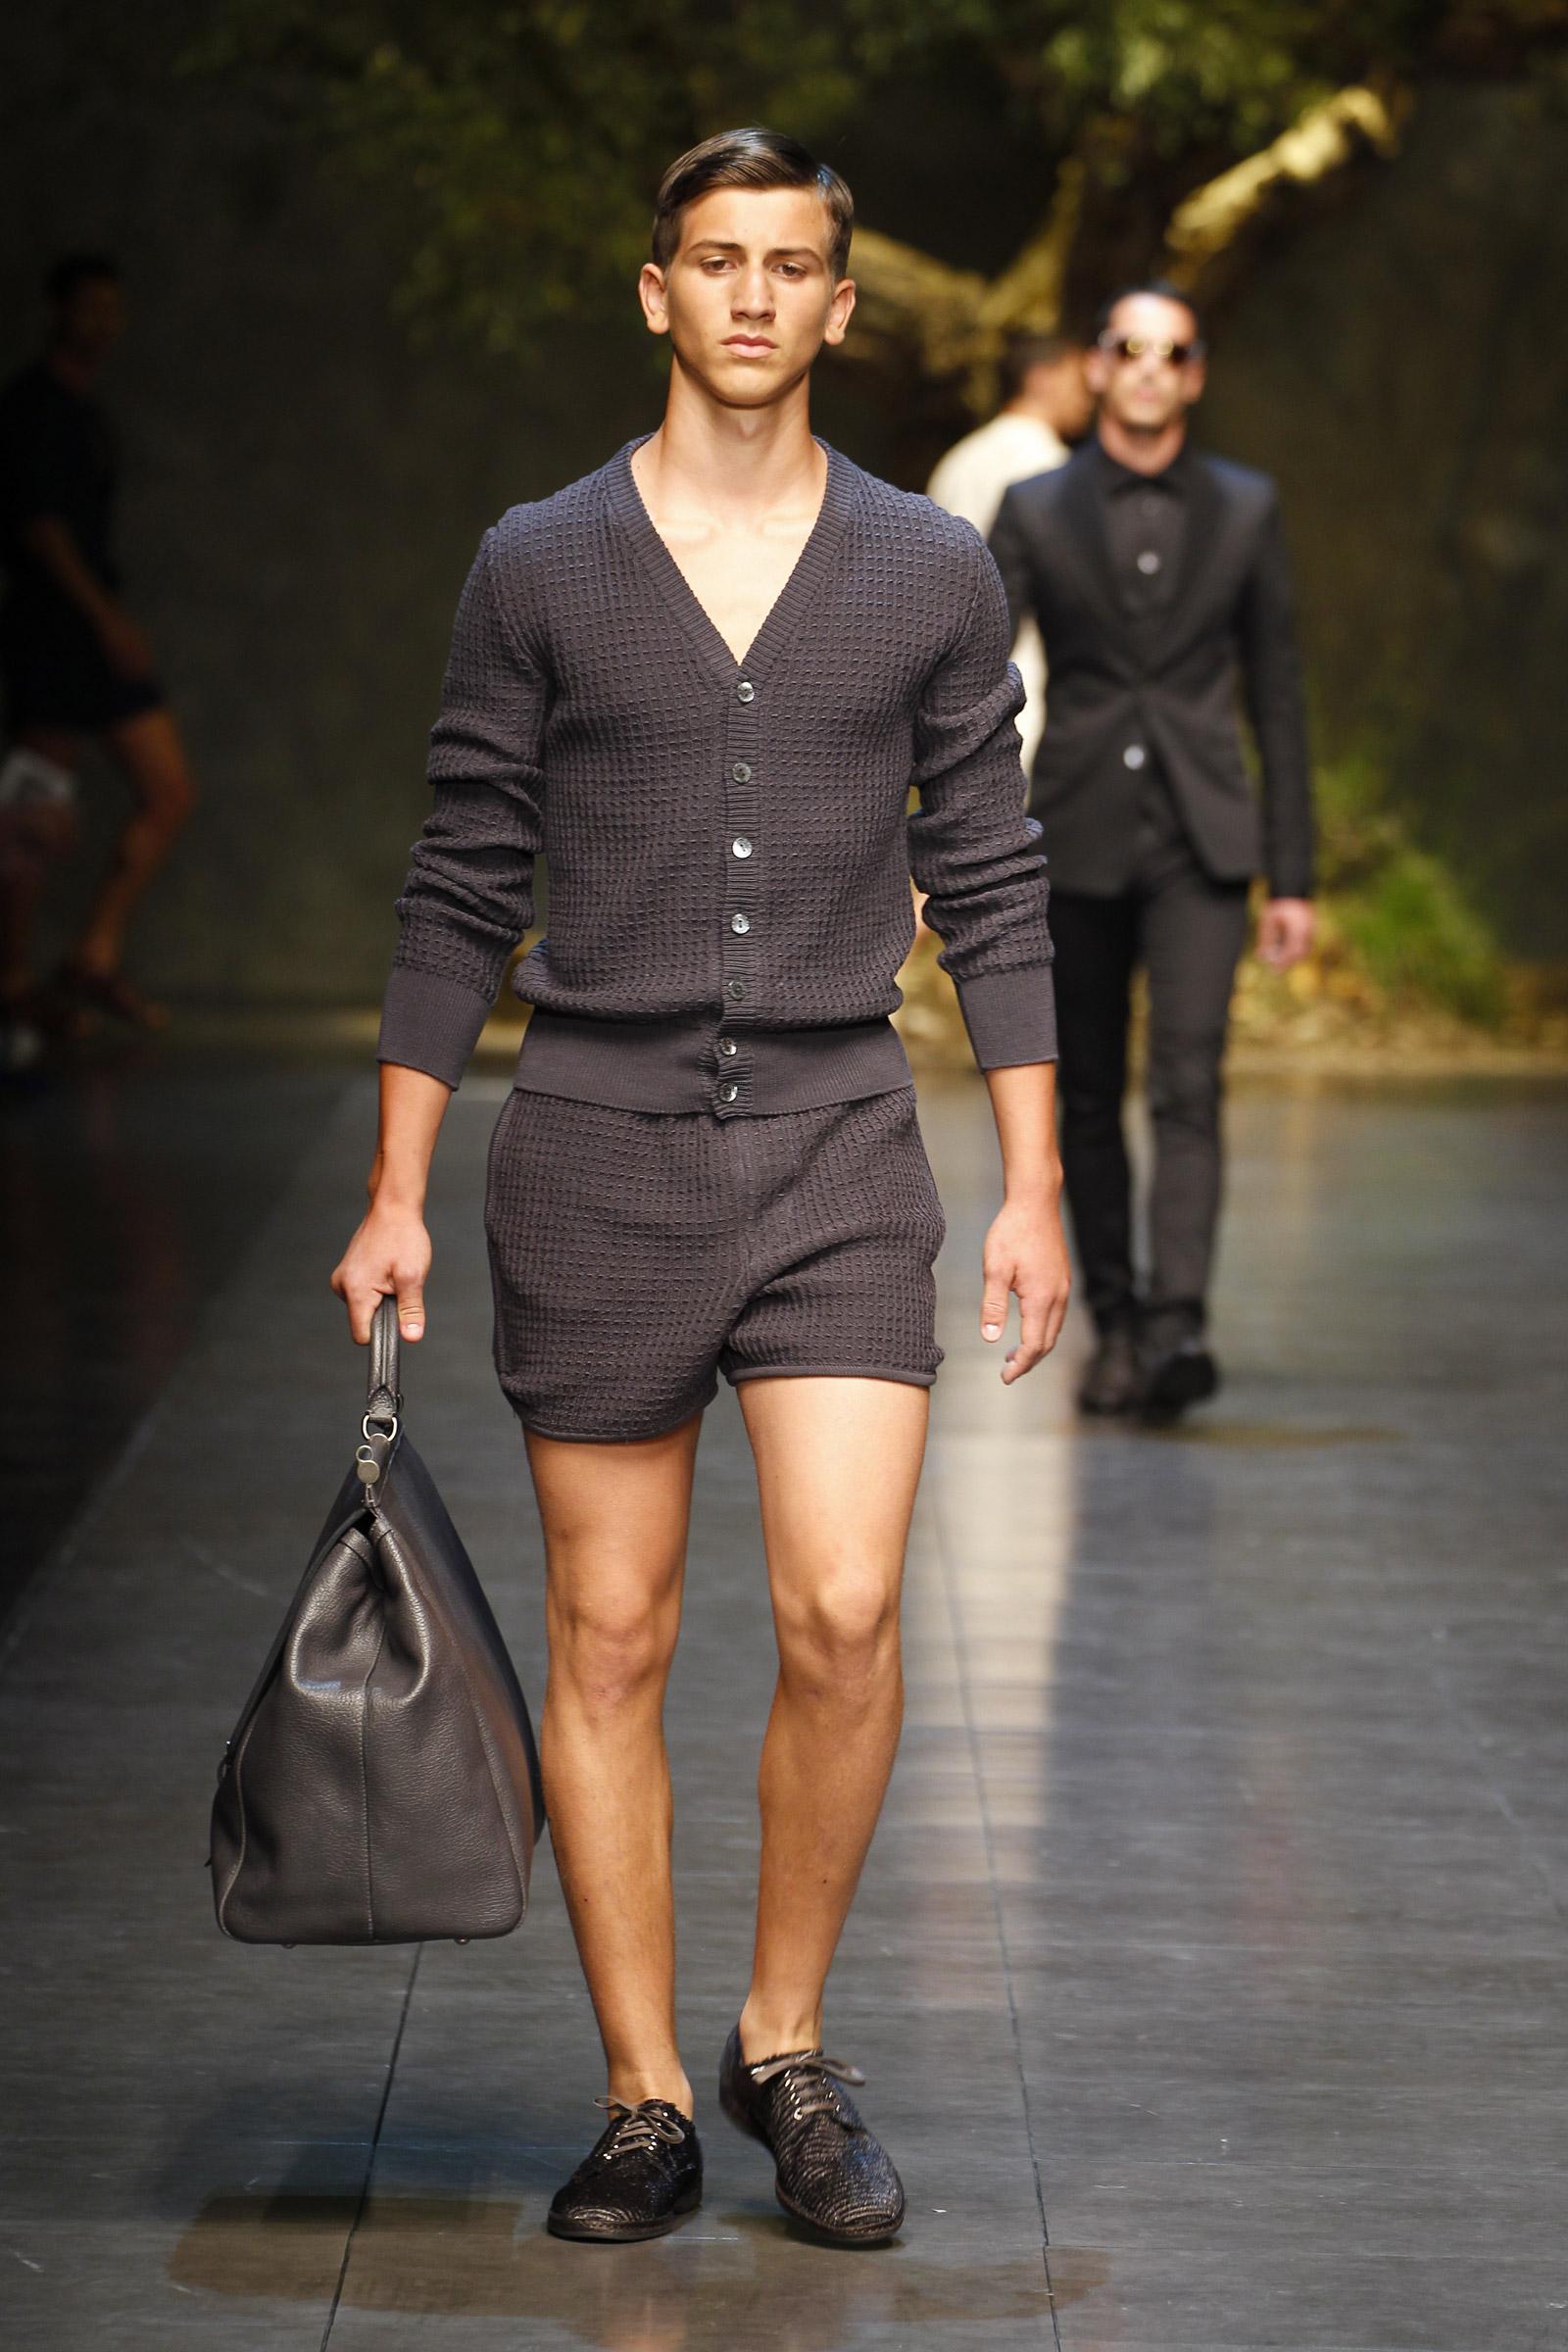 Fashsion: Dolce & Gabbana Summer 2014 Men's Fashion Show